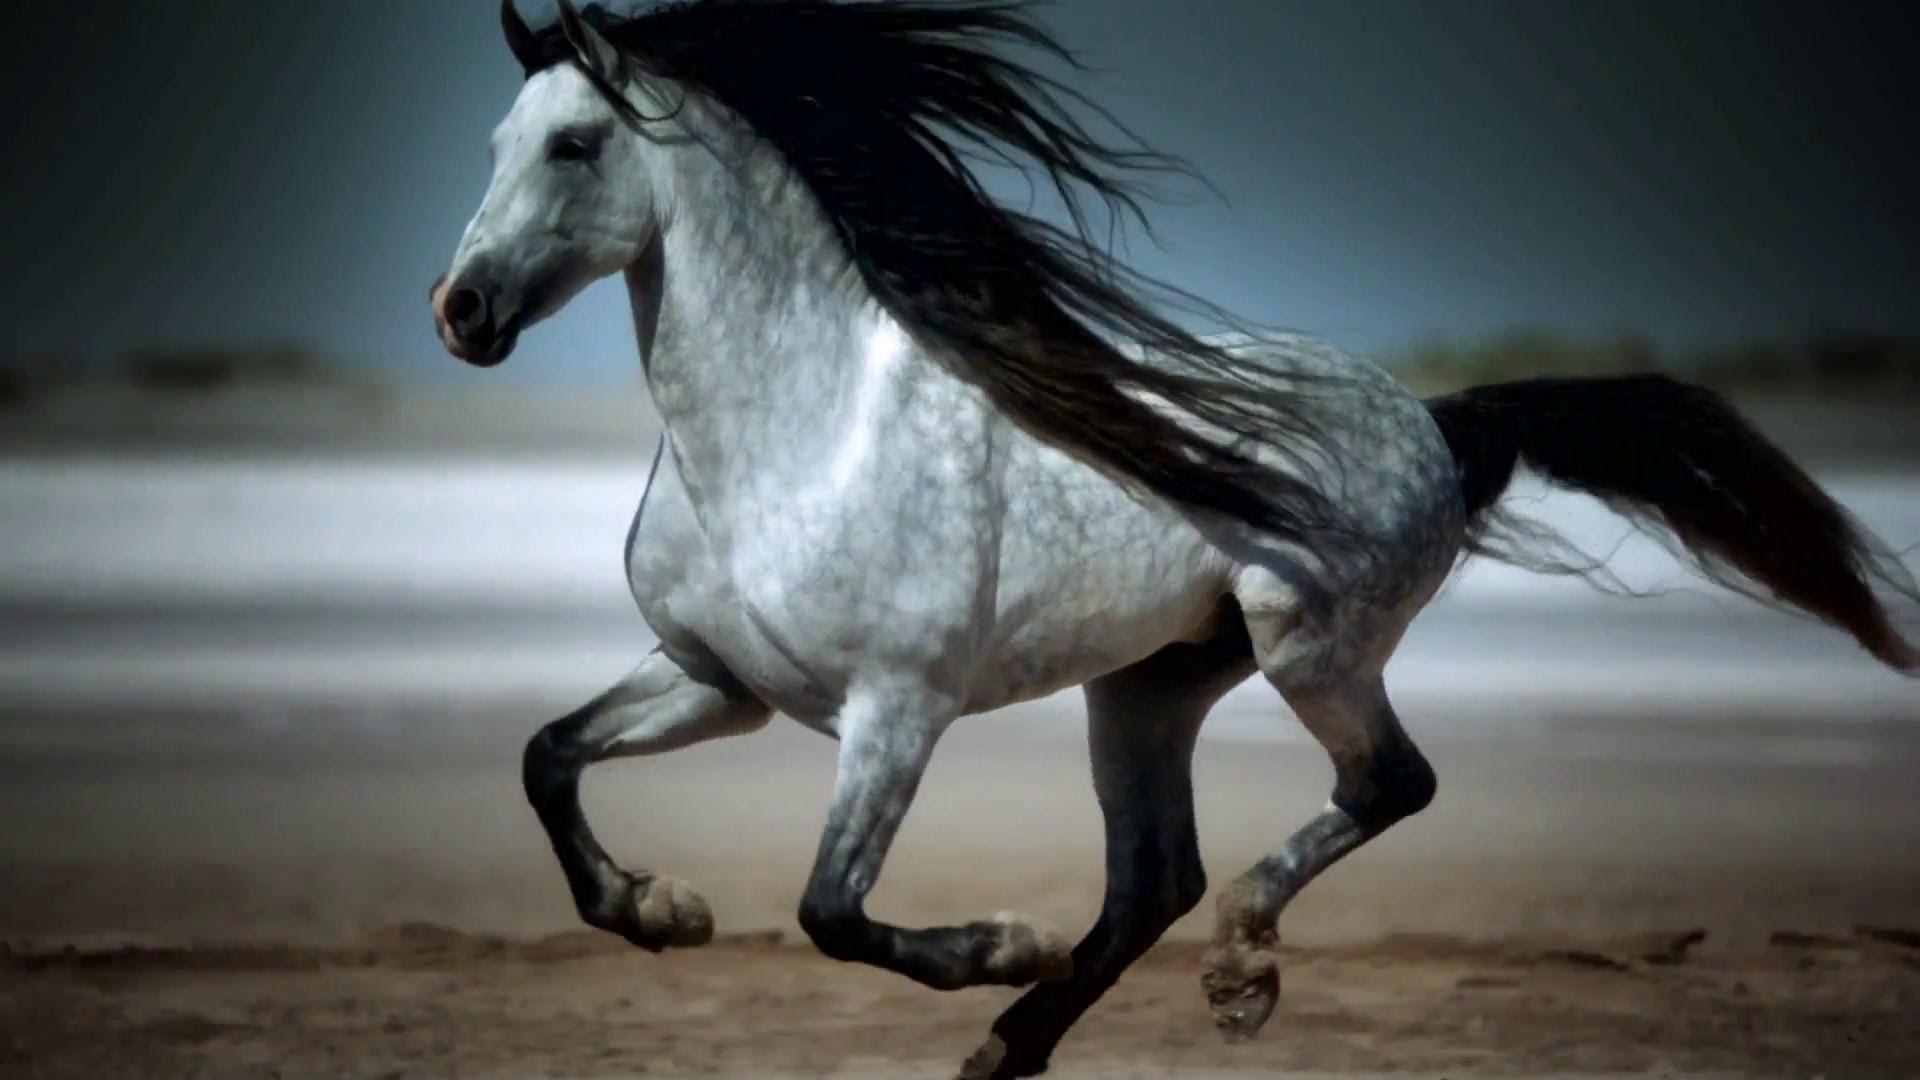 بالصور اجمل حصان في العالم , صور طبيعية للحصان 3739 6